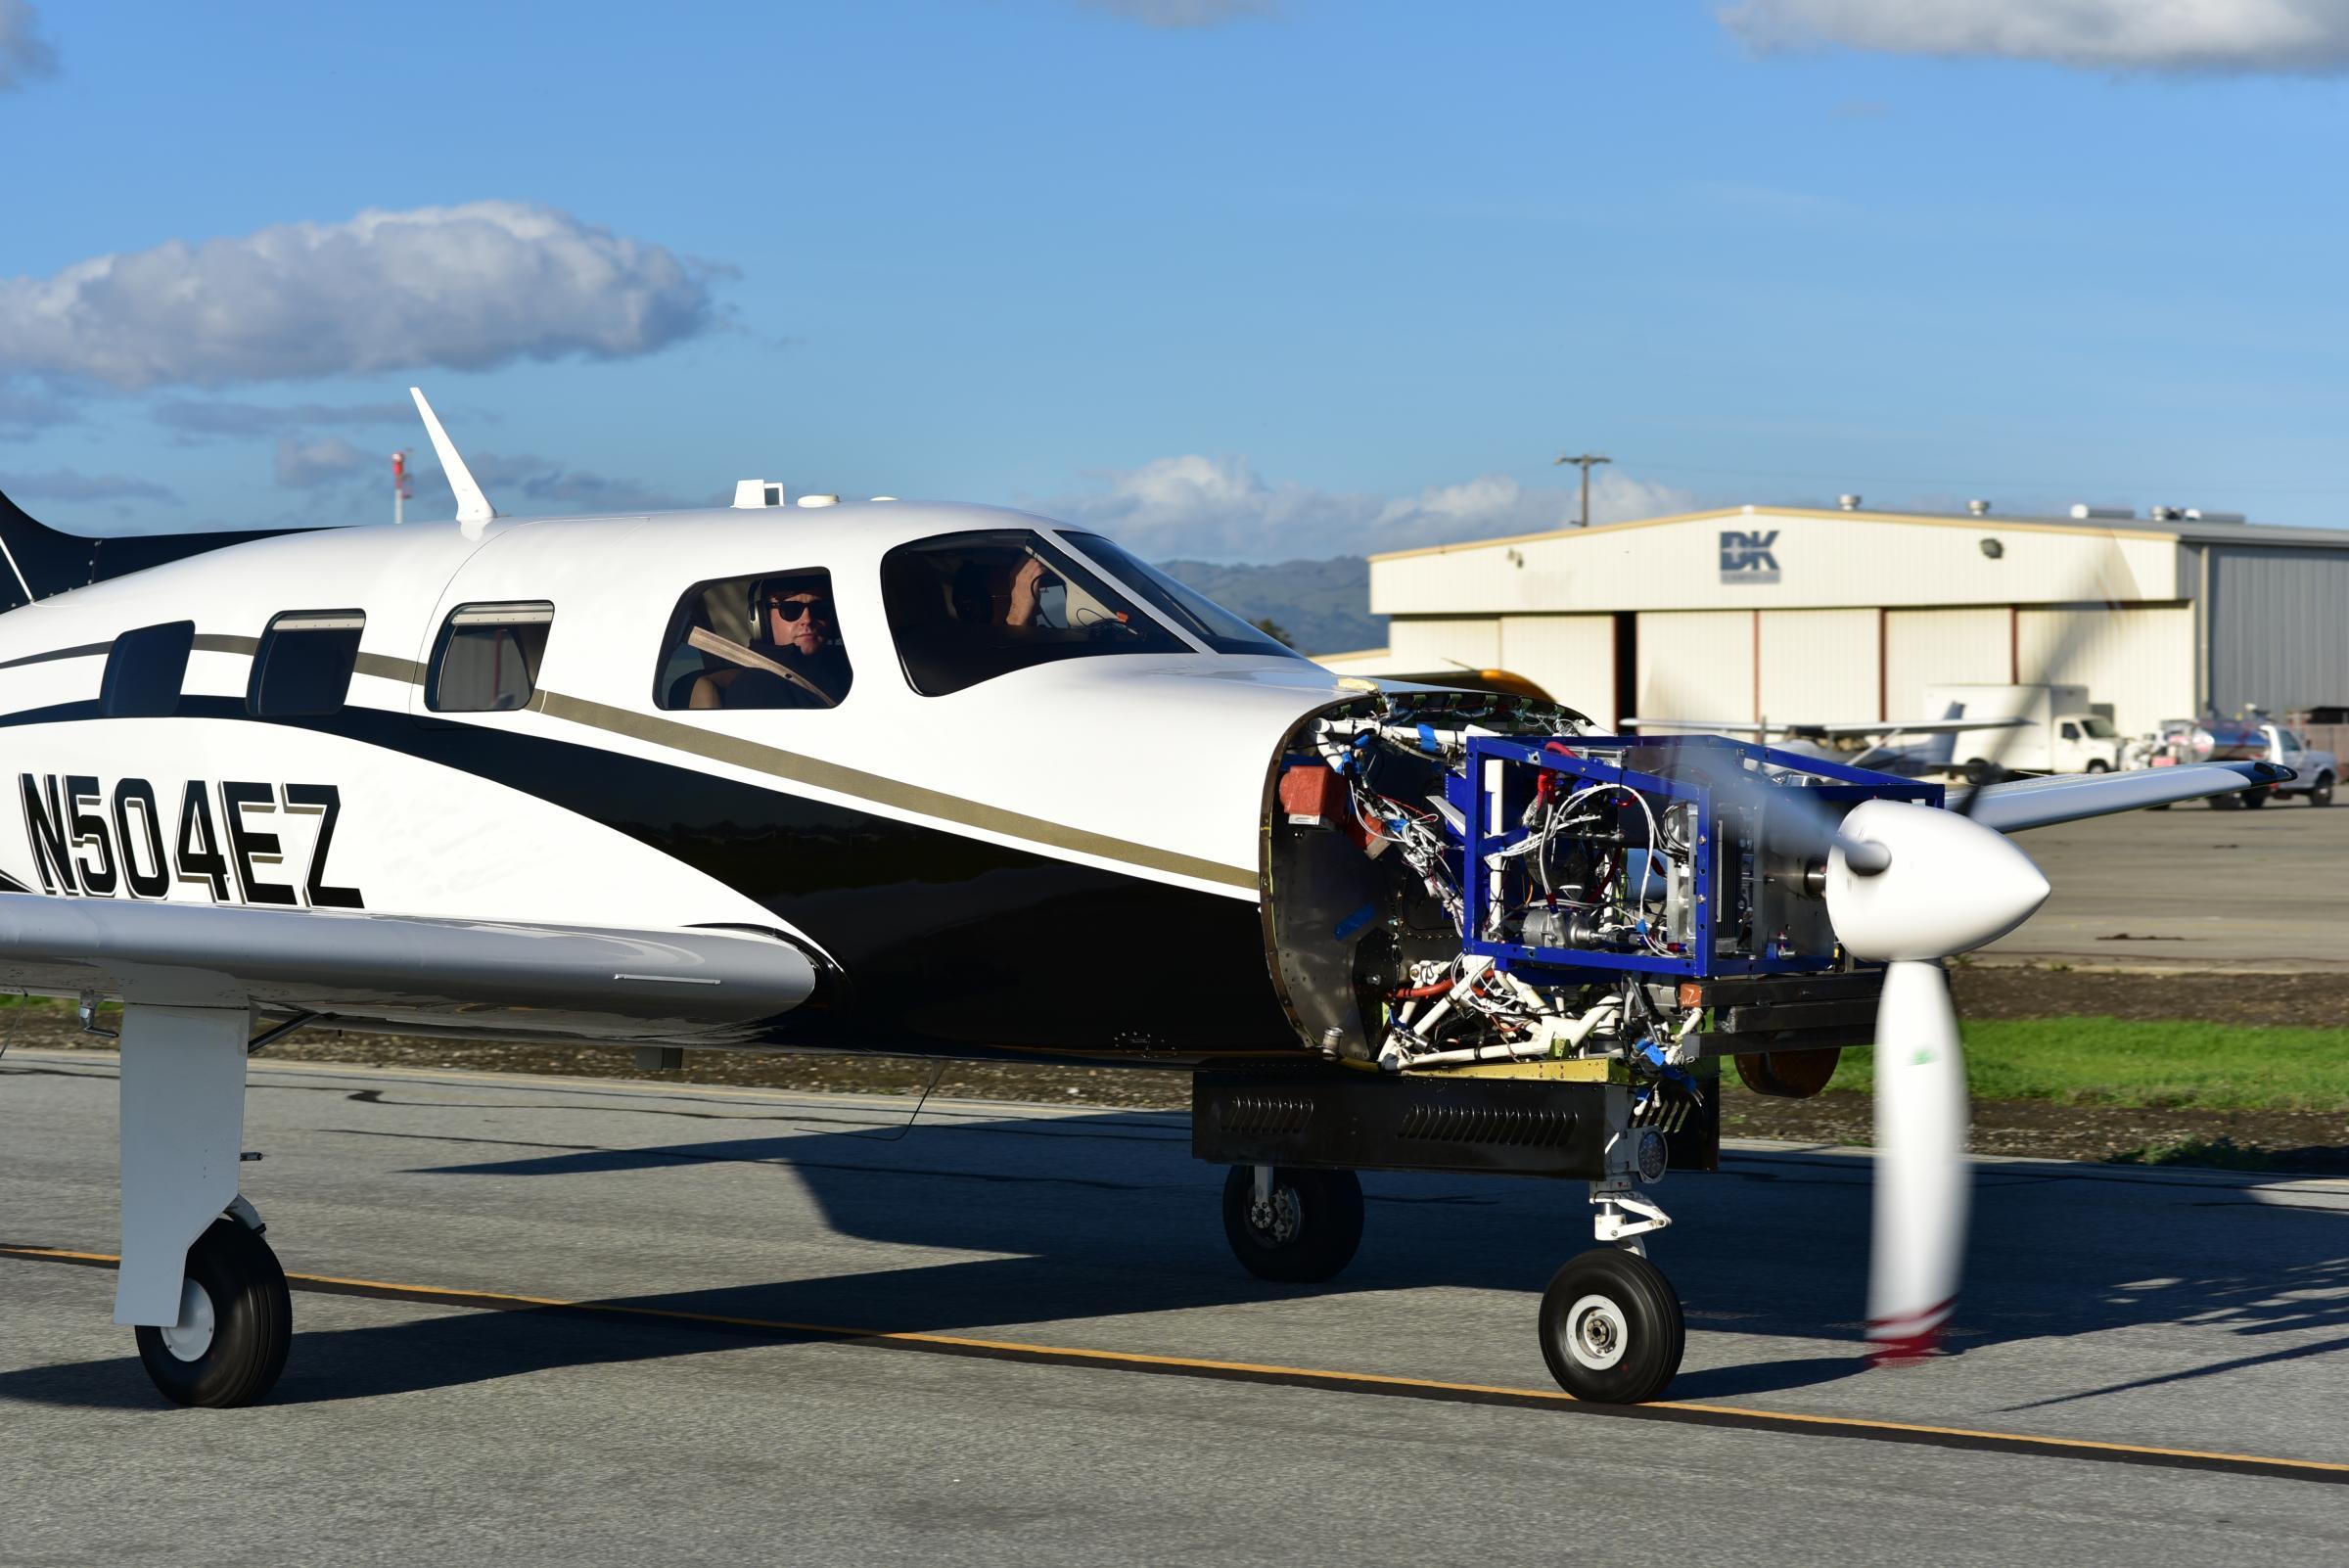 World's largest zero emission hydrogen flight test in Scotland